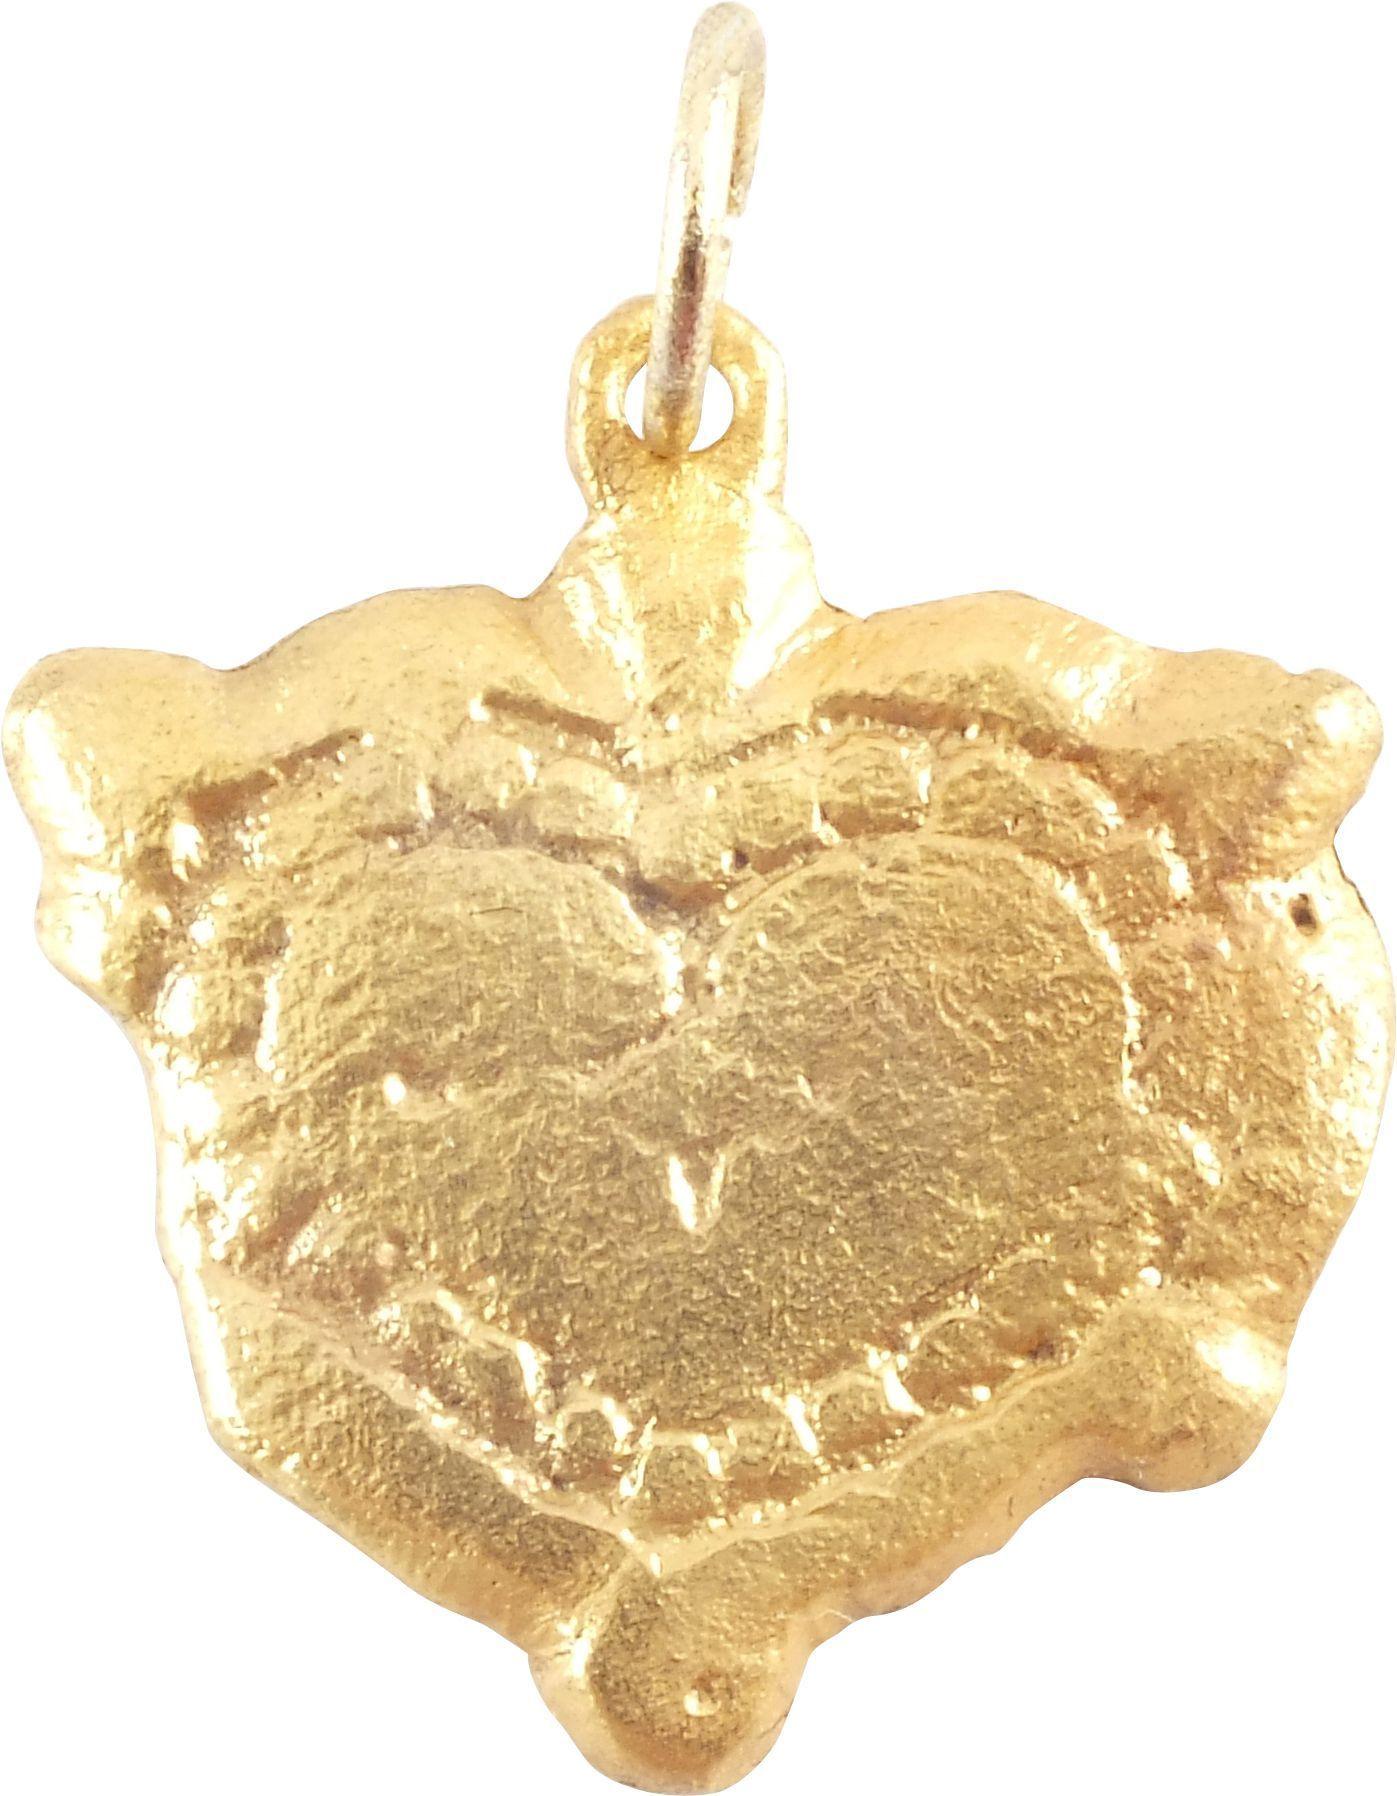 VIKING HEART PENDANT C.8501050 AD Heart pendant, Viking